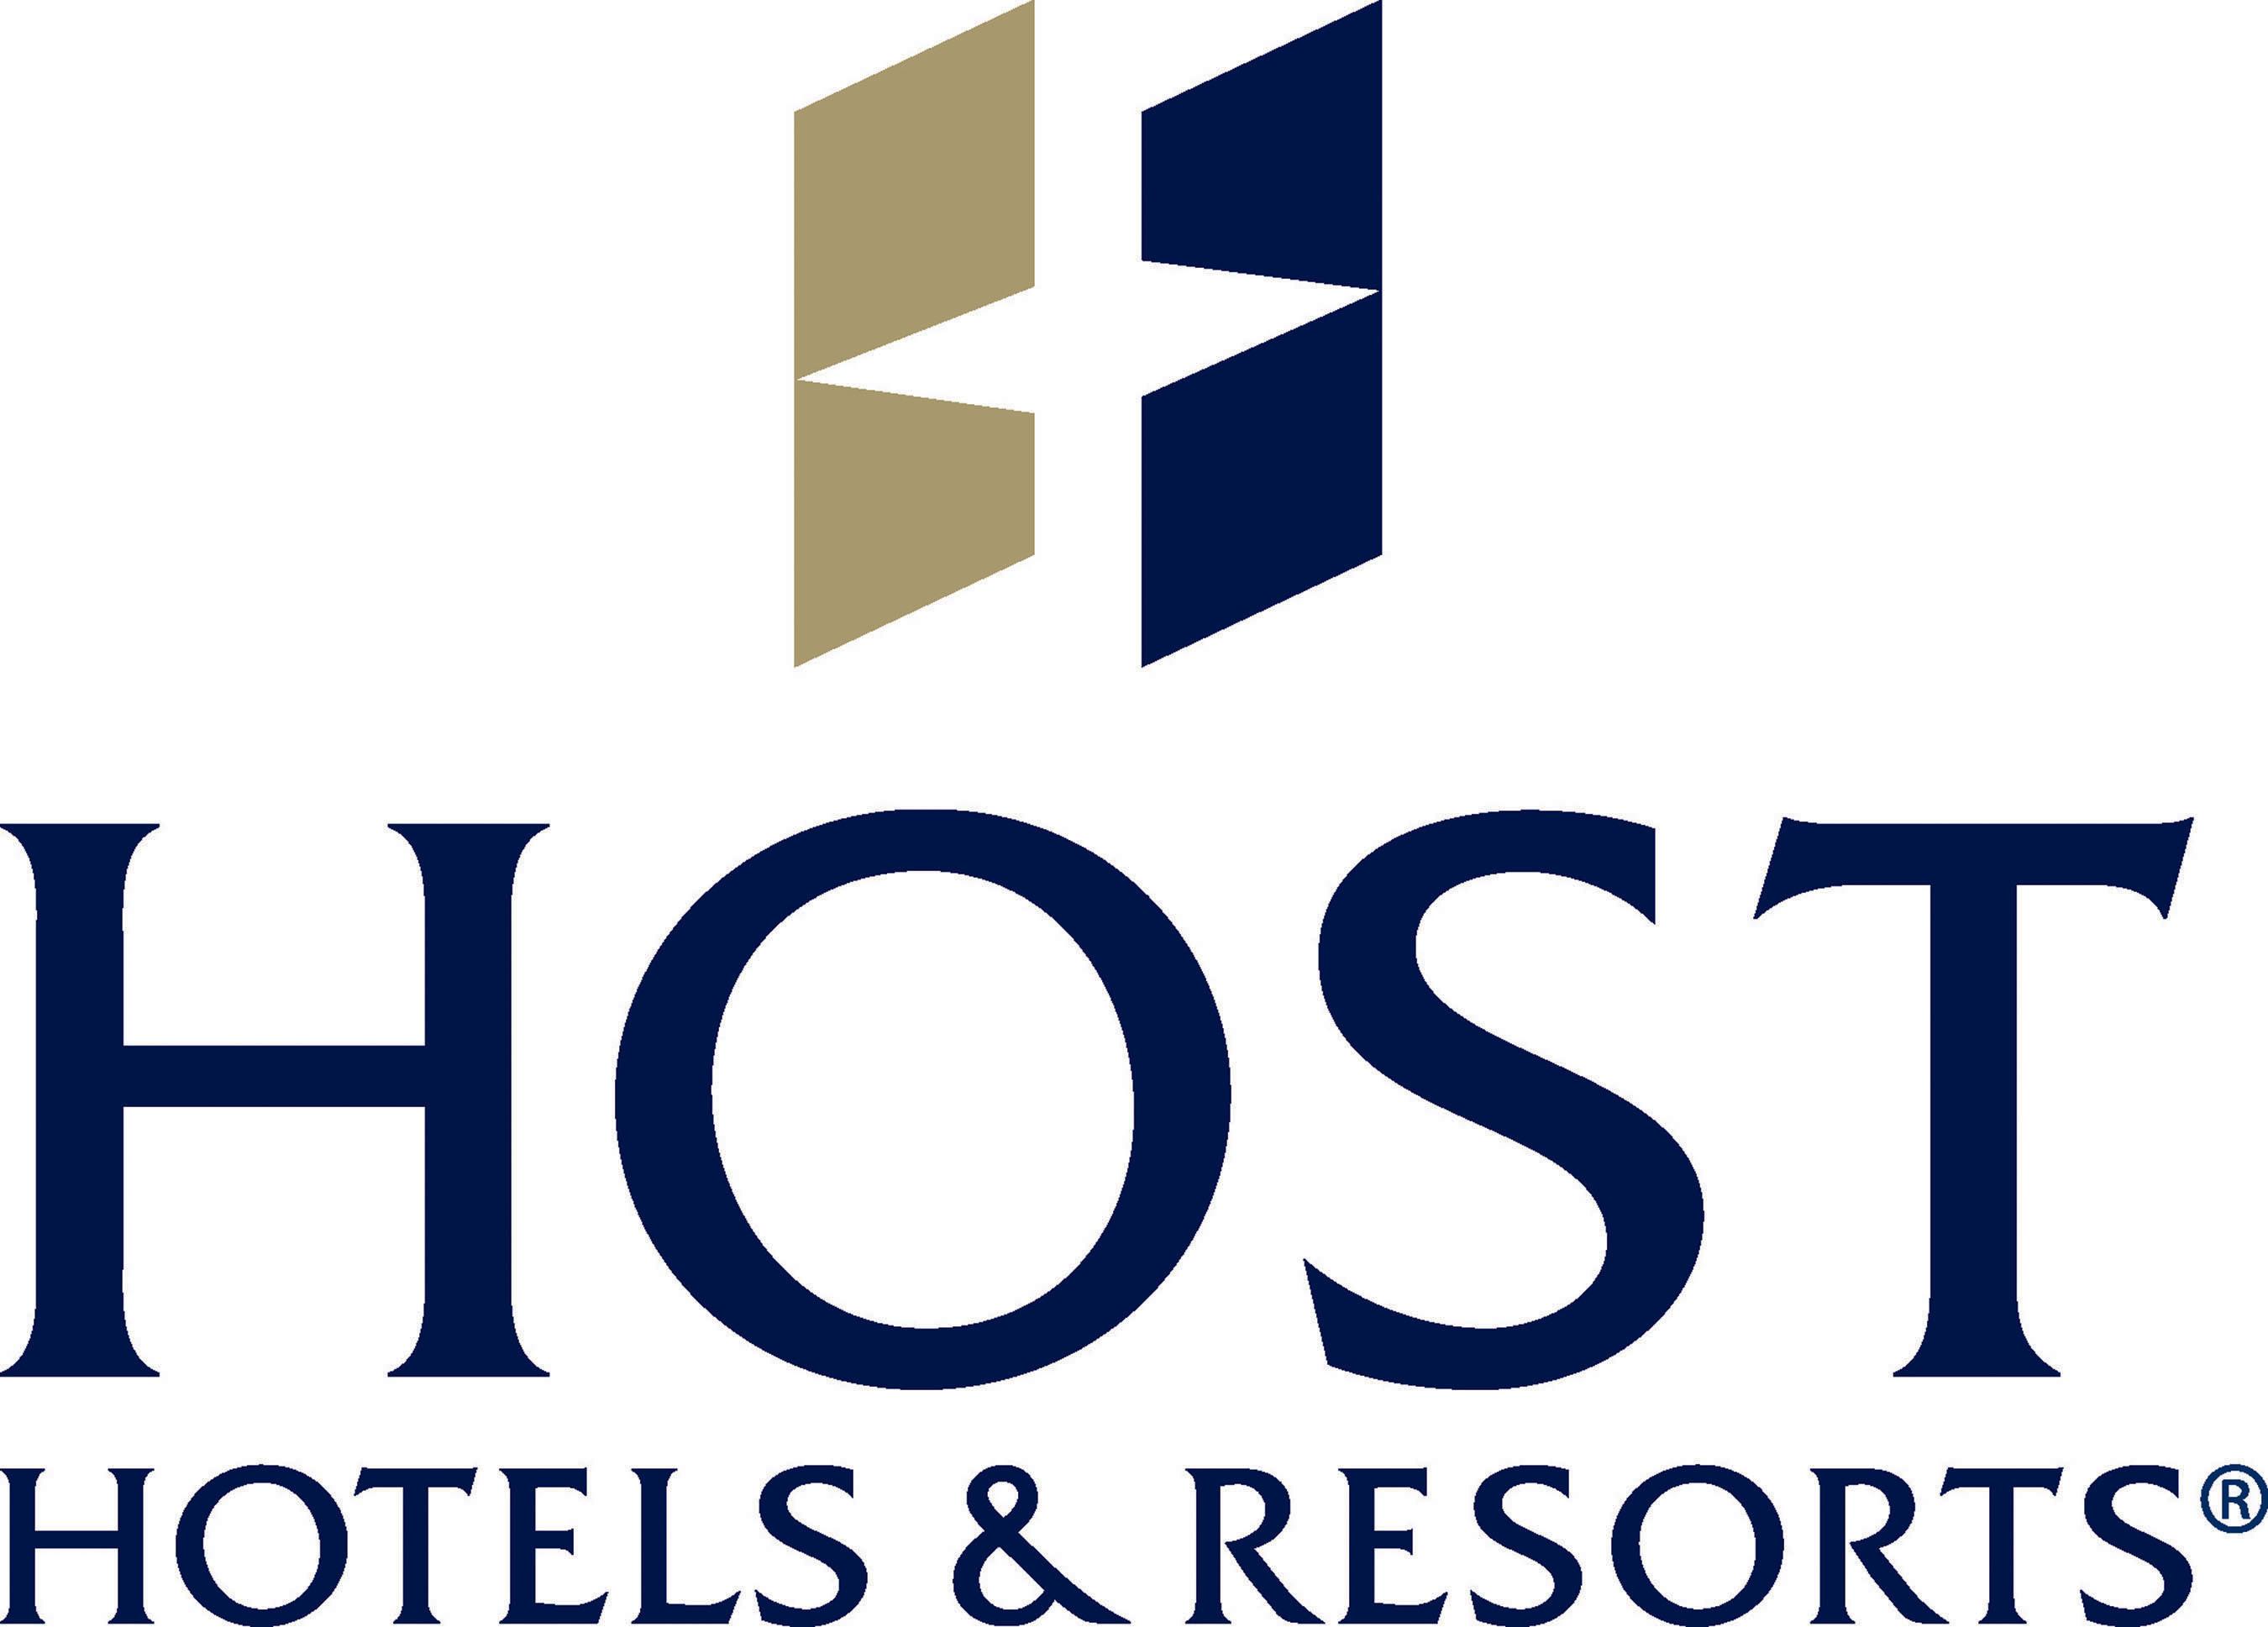 Host Hotels & Resorts, Inc. logo